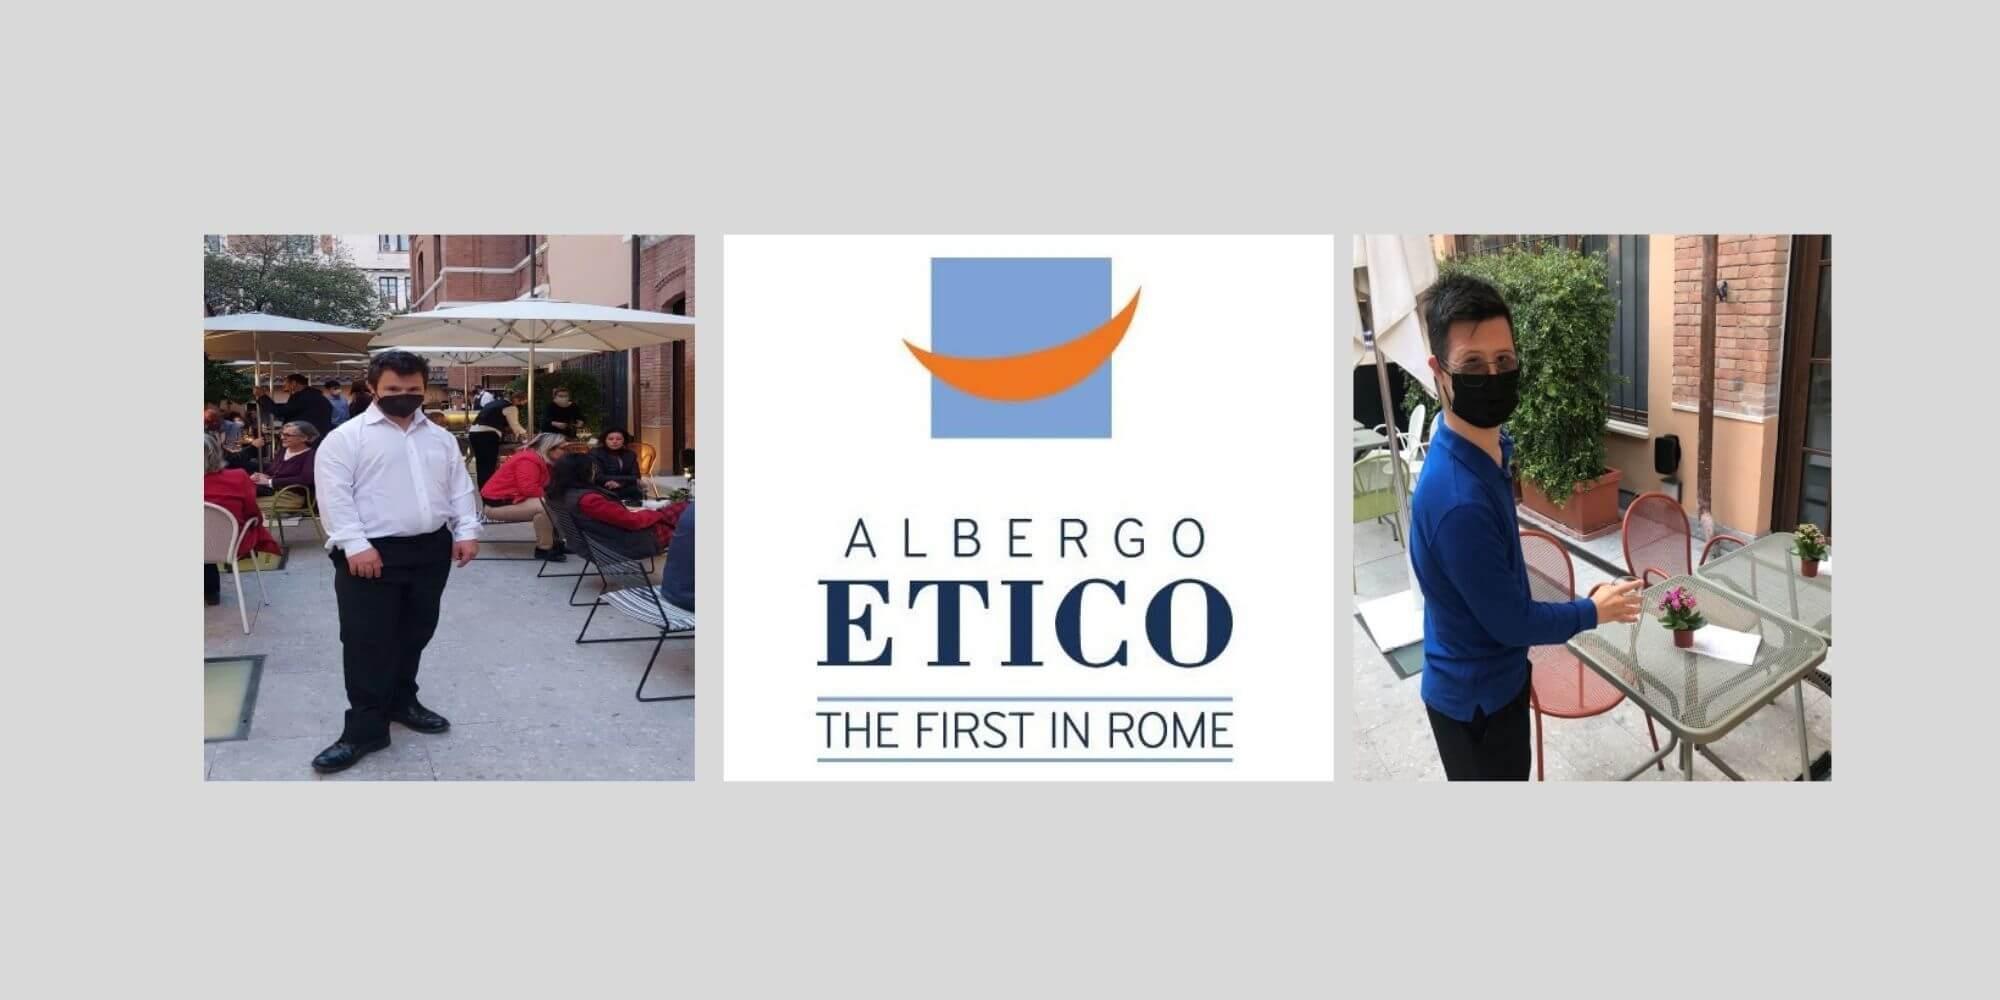 logo Albergo Etico Roma e due giovani con sindrome di Down al servizio esterno